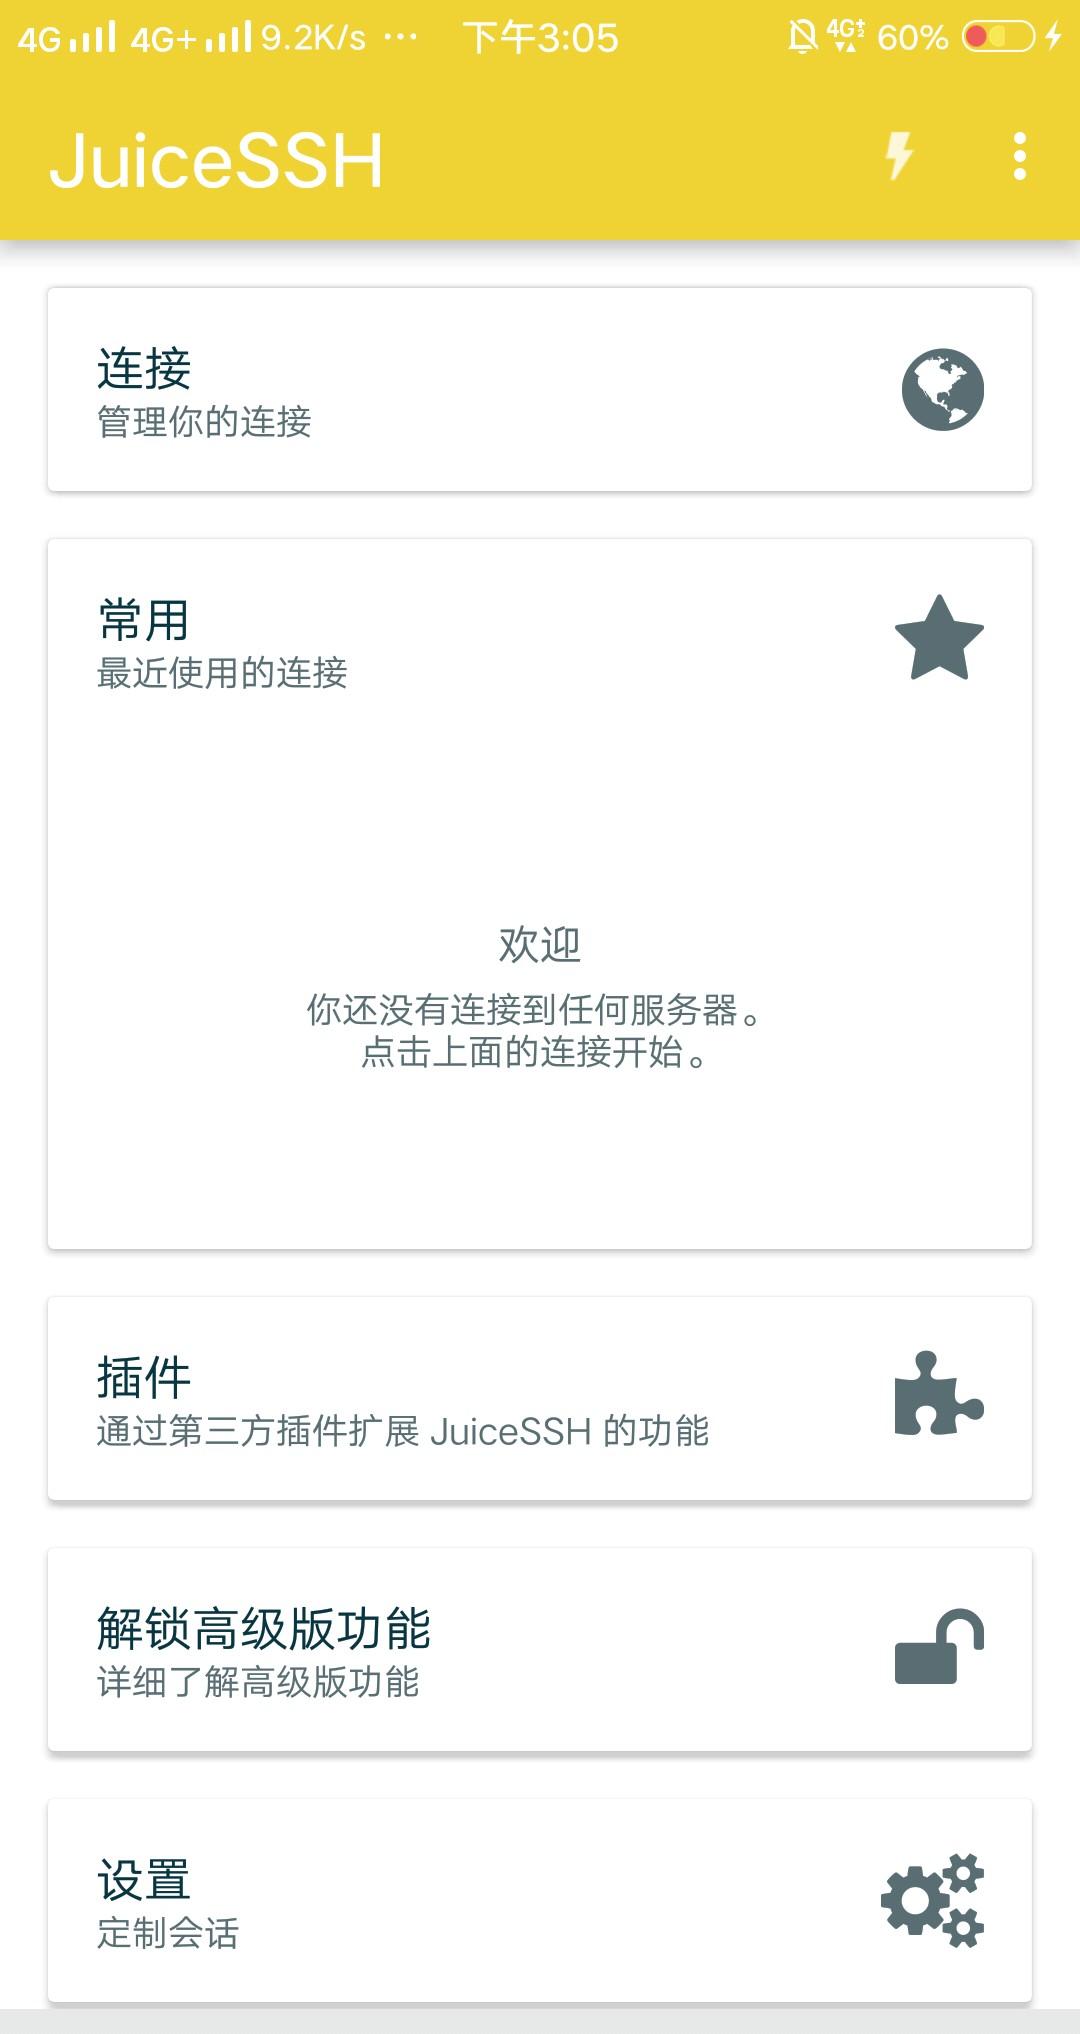 【分享】JuiceSSH是- -一个安卓终端客户端支持包括-爱小助